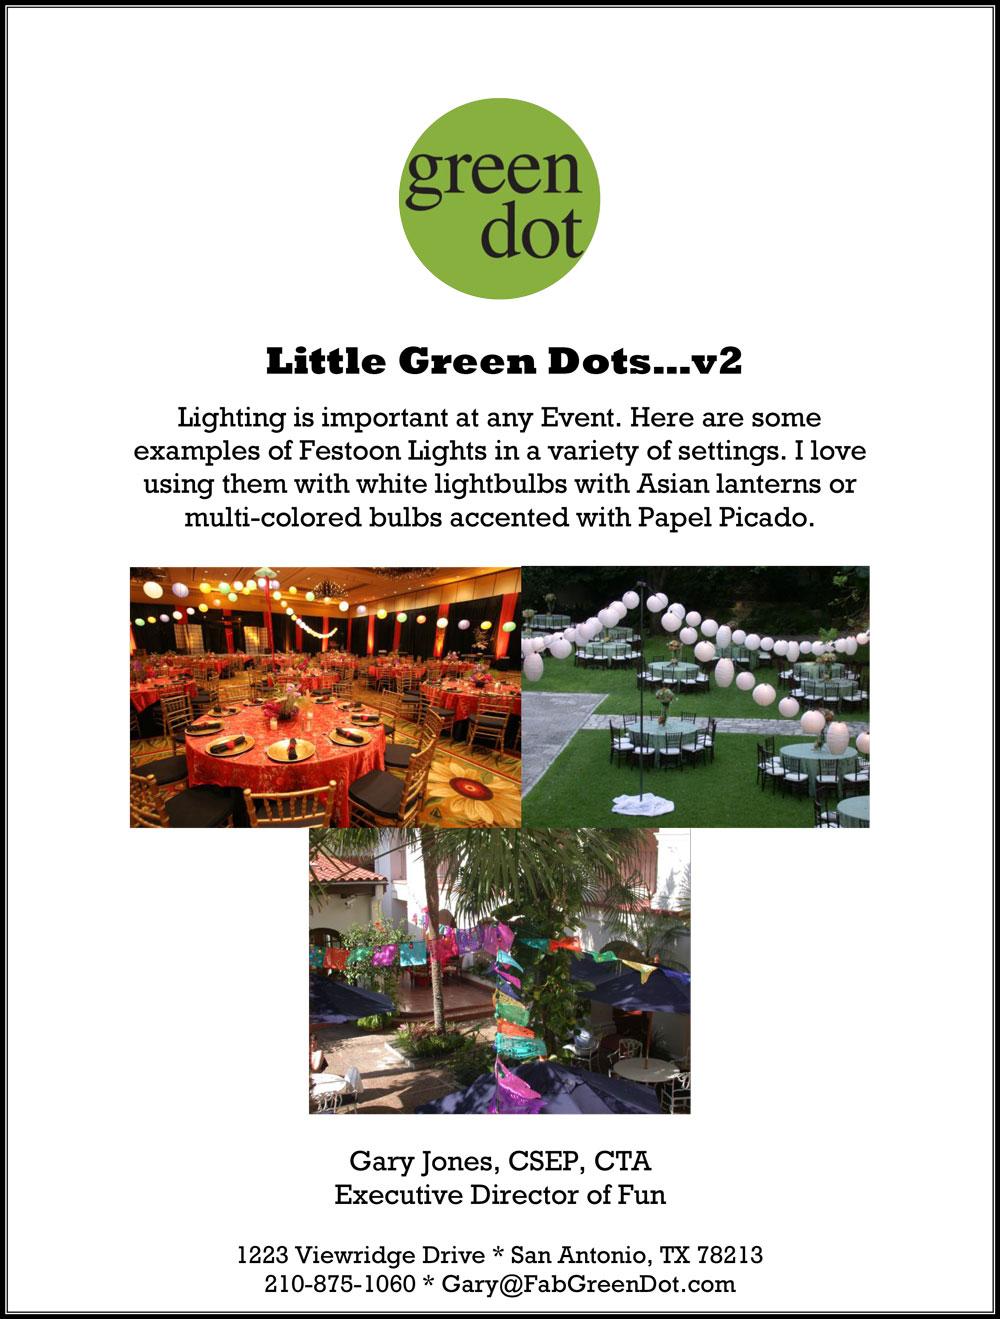 Little Green Dots - #2